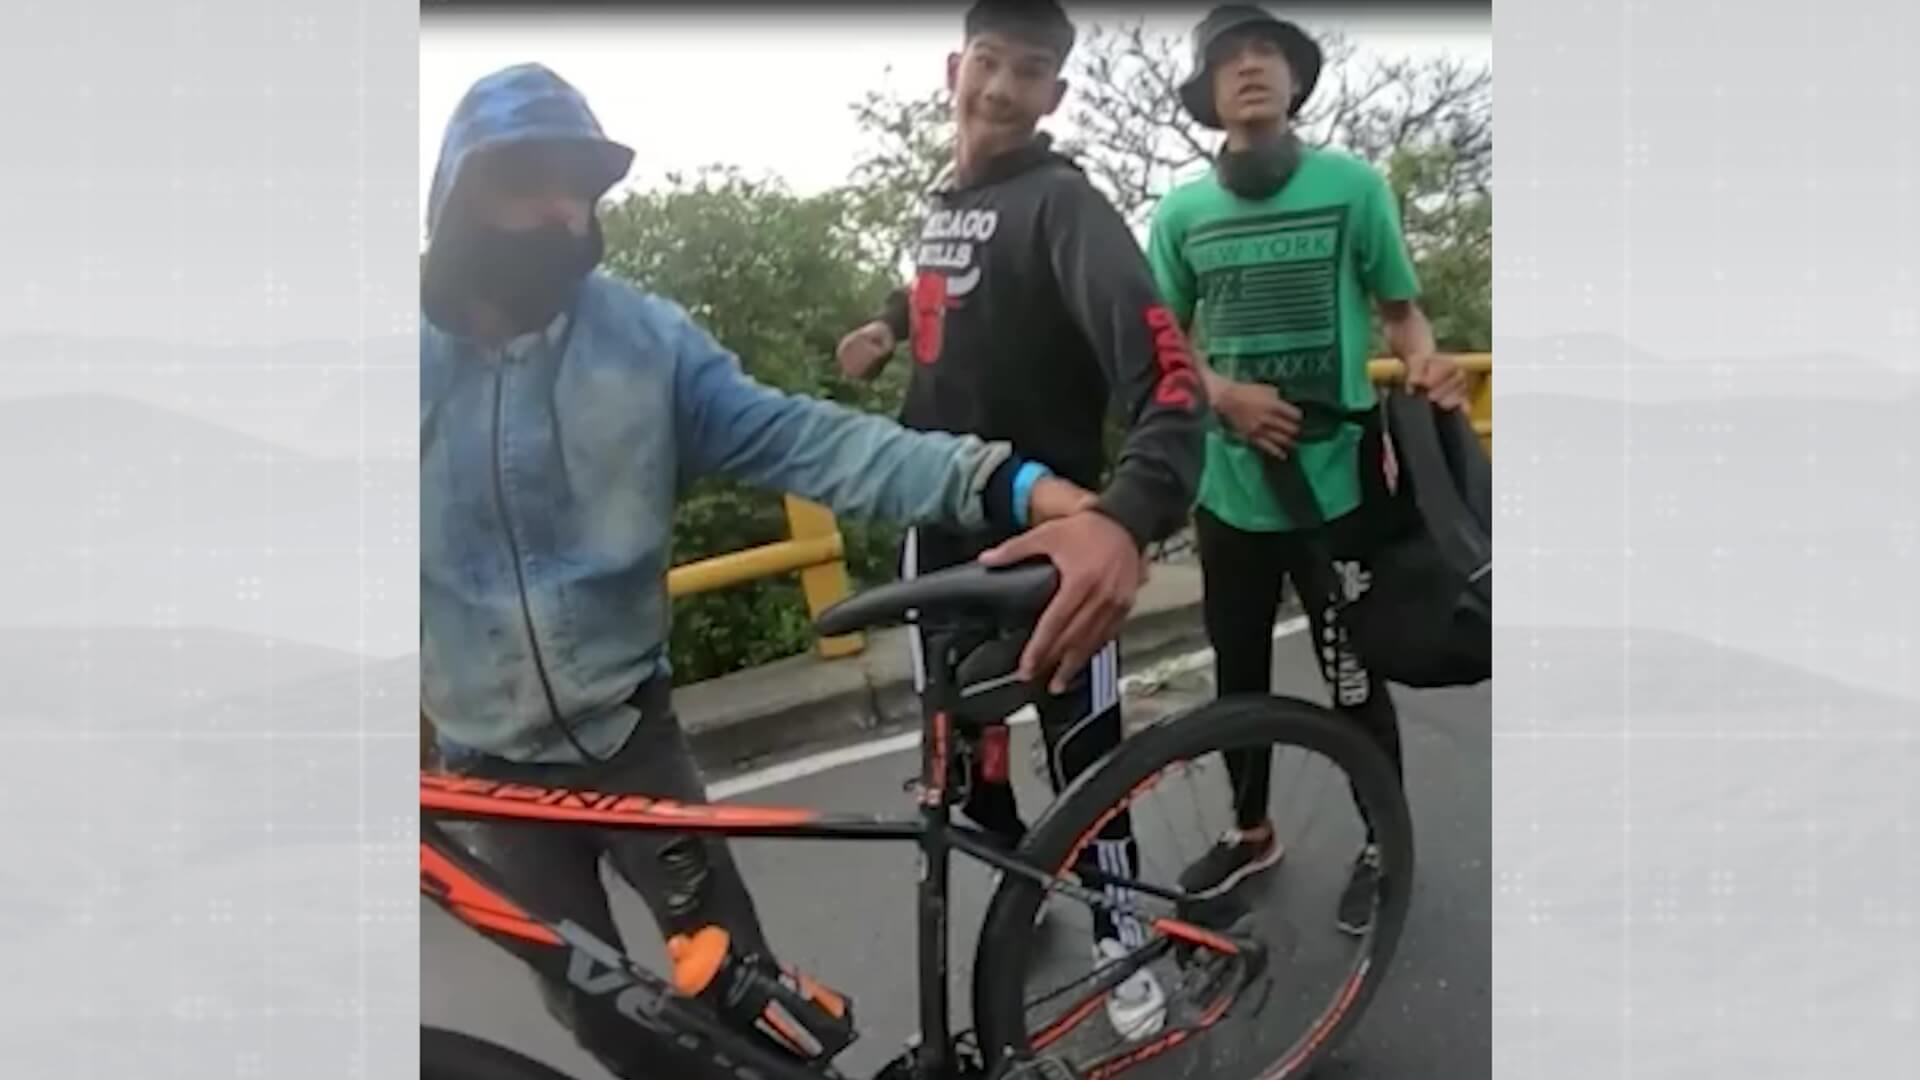 Con cámara, hombre grabó robo de su bicicleta